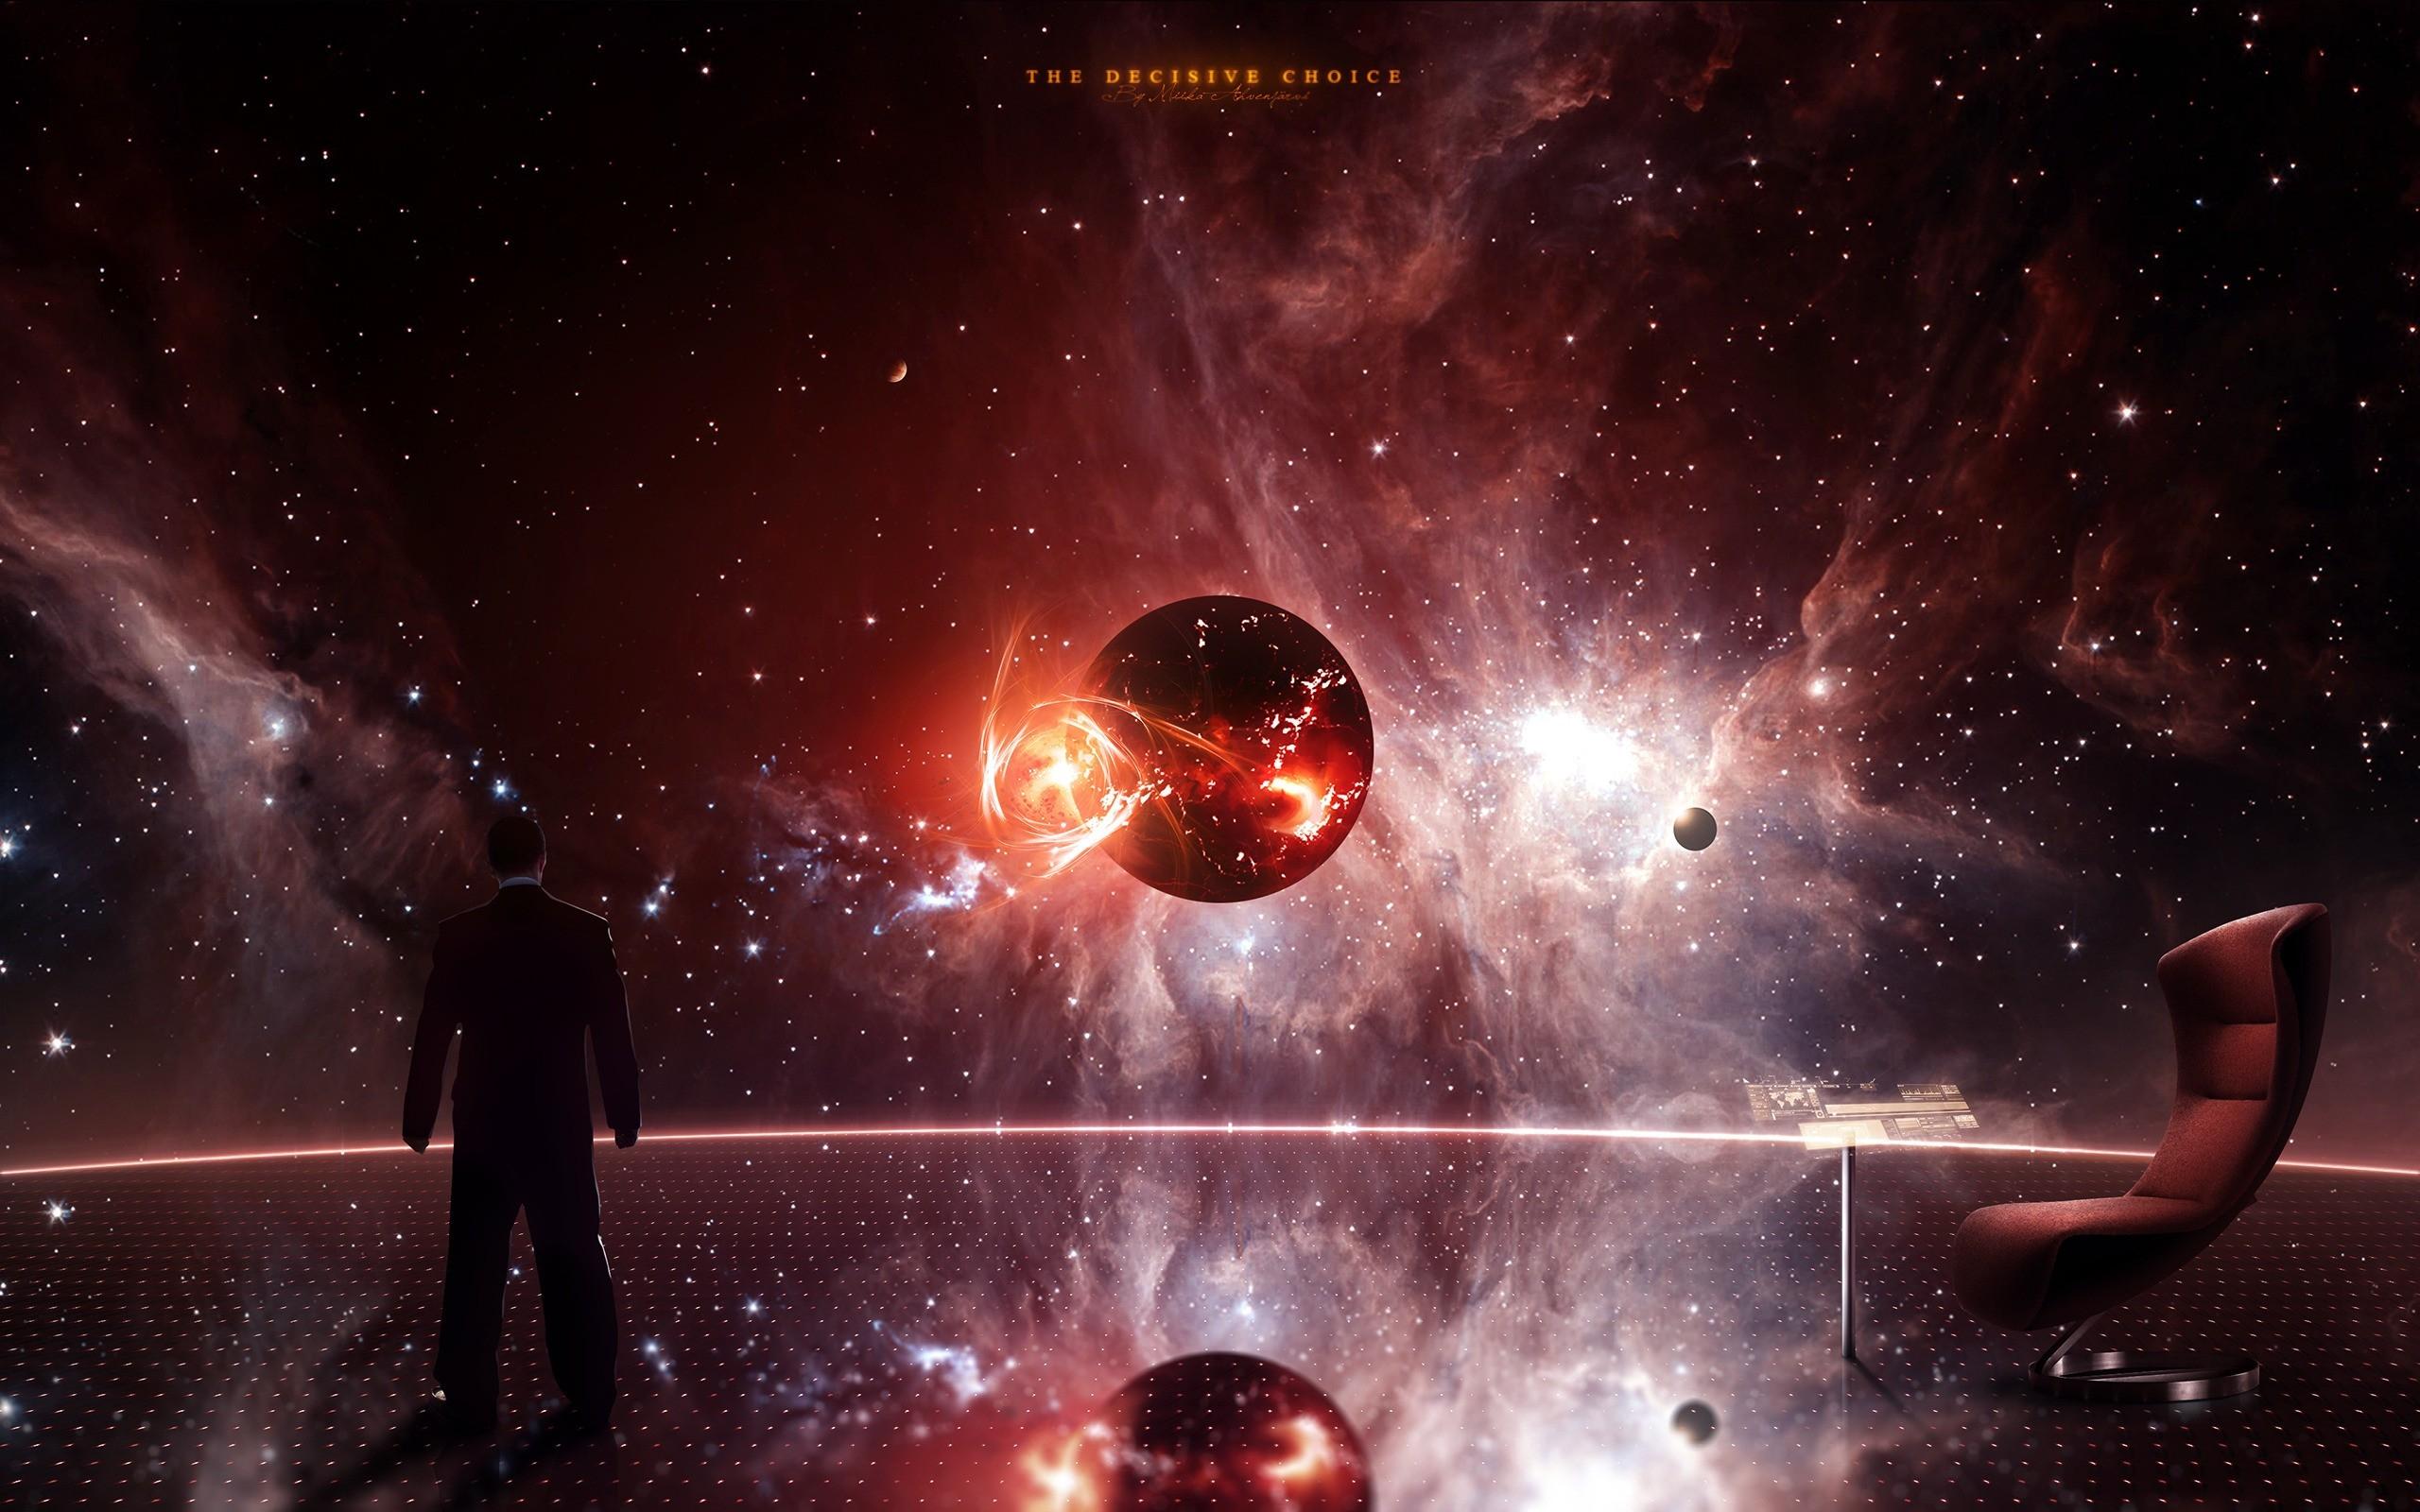 Wallpaper Mass Effect Illusive Man Planet Chair Space 2560x1600 4kwallpaper 739743 Hd Wallpapers Wallhere